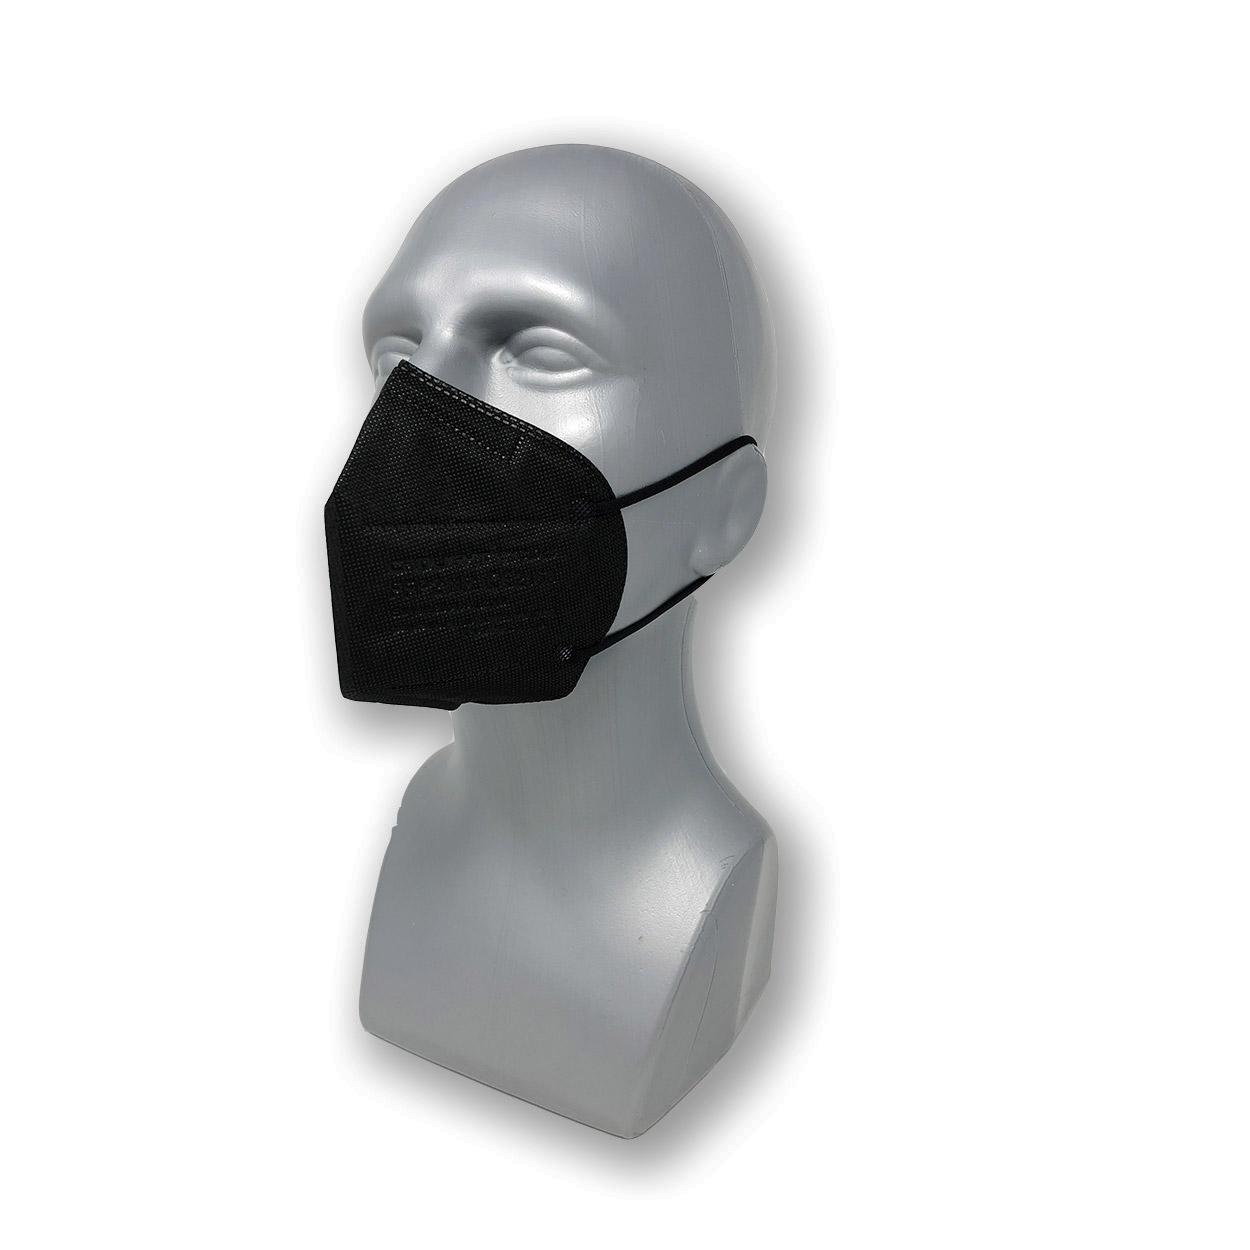 FFP2 Atemschutzmaske YYC1028 in schwarz, Packung à 25 Stk.